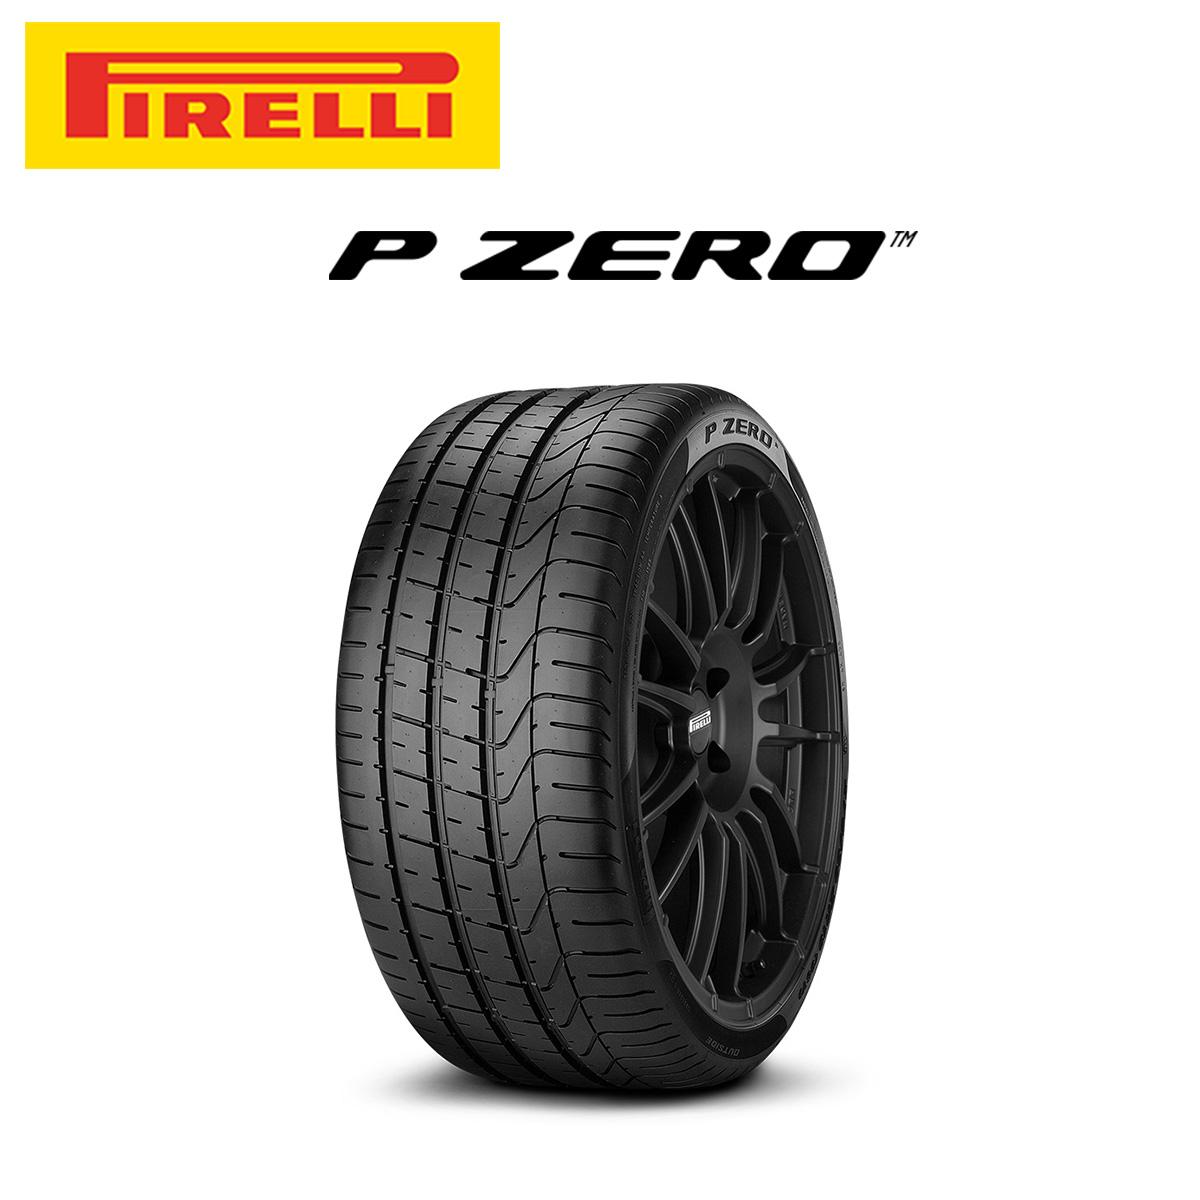 ピレリ PIRELLI P ZERO ピーゼロ 20インチ サマー タイヤ 4本 セット 245/35ZR20 95Y XL AMS:アストンマーティン承認タイヤ 1715800